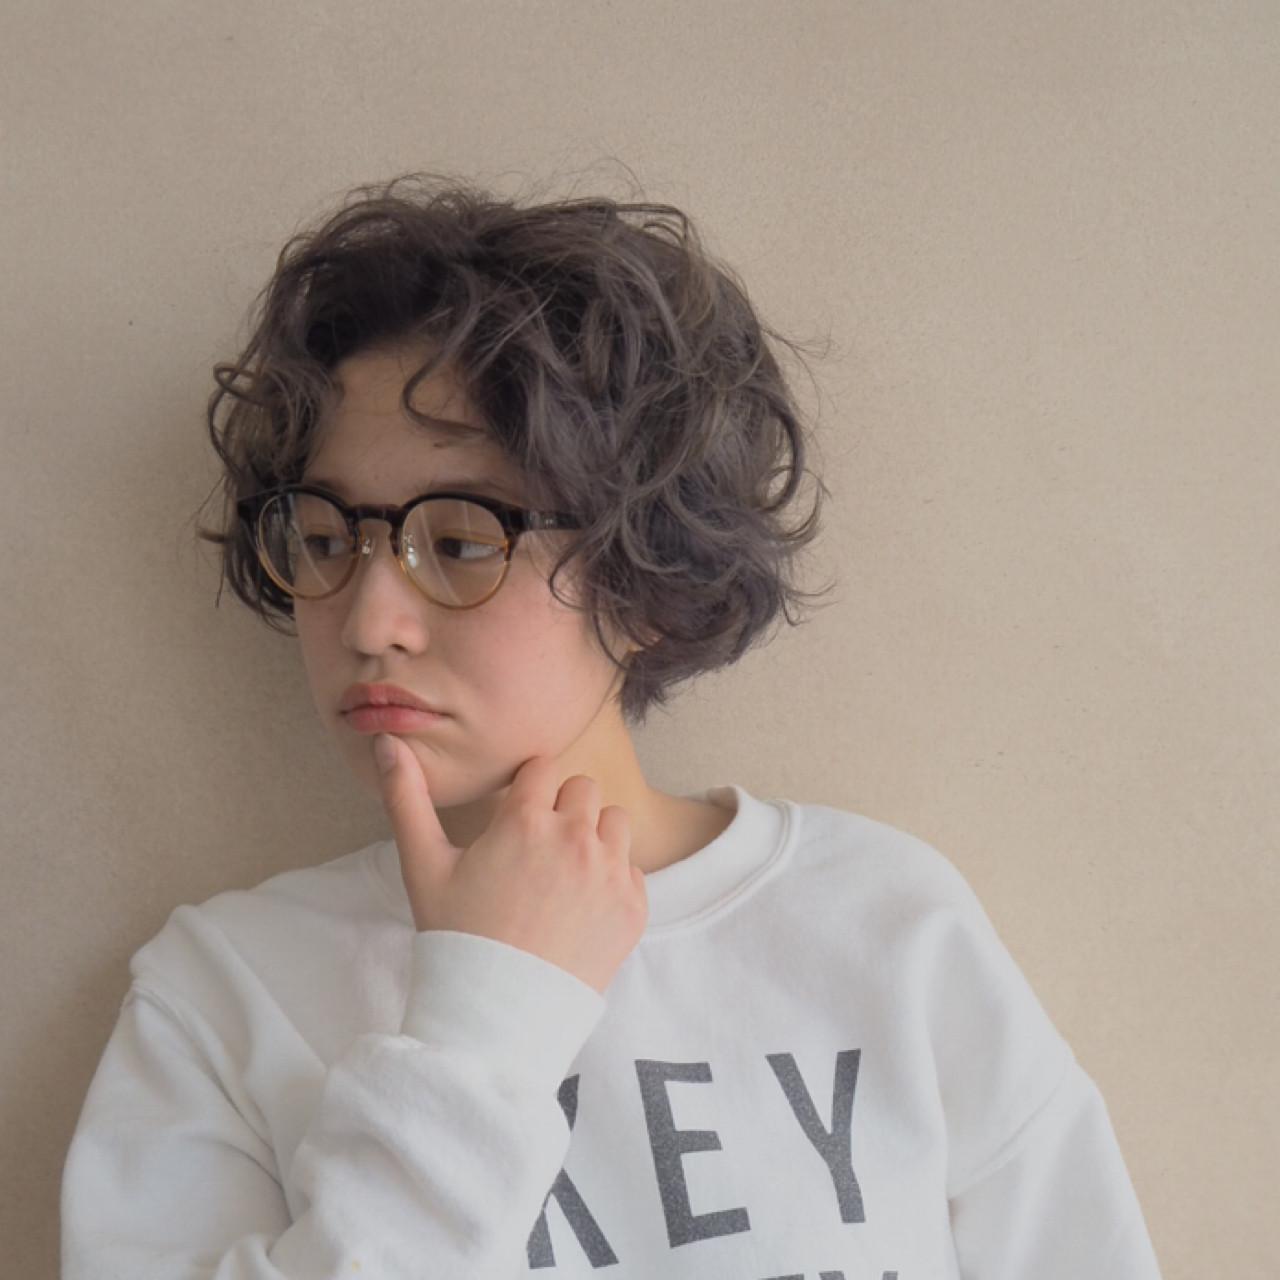 くせ毛風 ナチュラル ショート パーマ ヘアスタイルや髪型の写真・画像